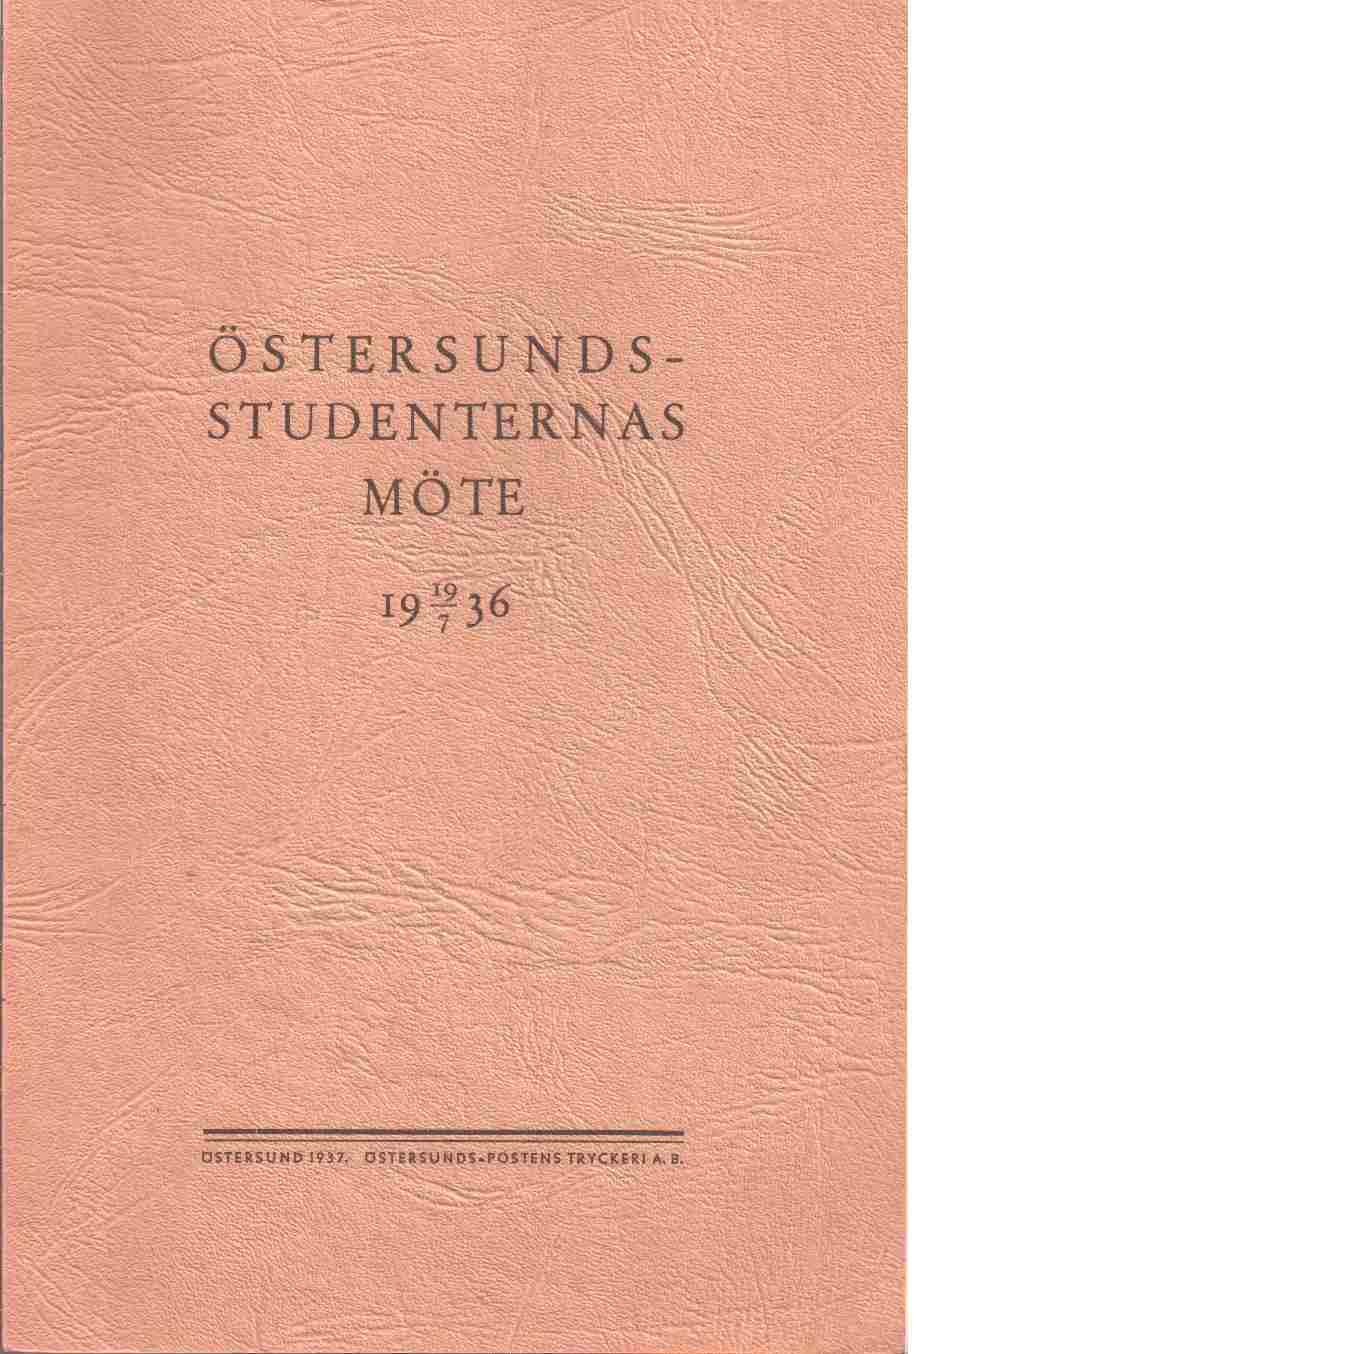 Östersundsstudenternas möte 19 19/7 36. - Red. Östersund : Östersunds-Posten